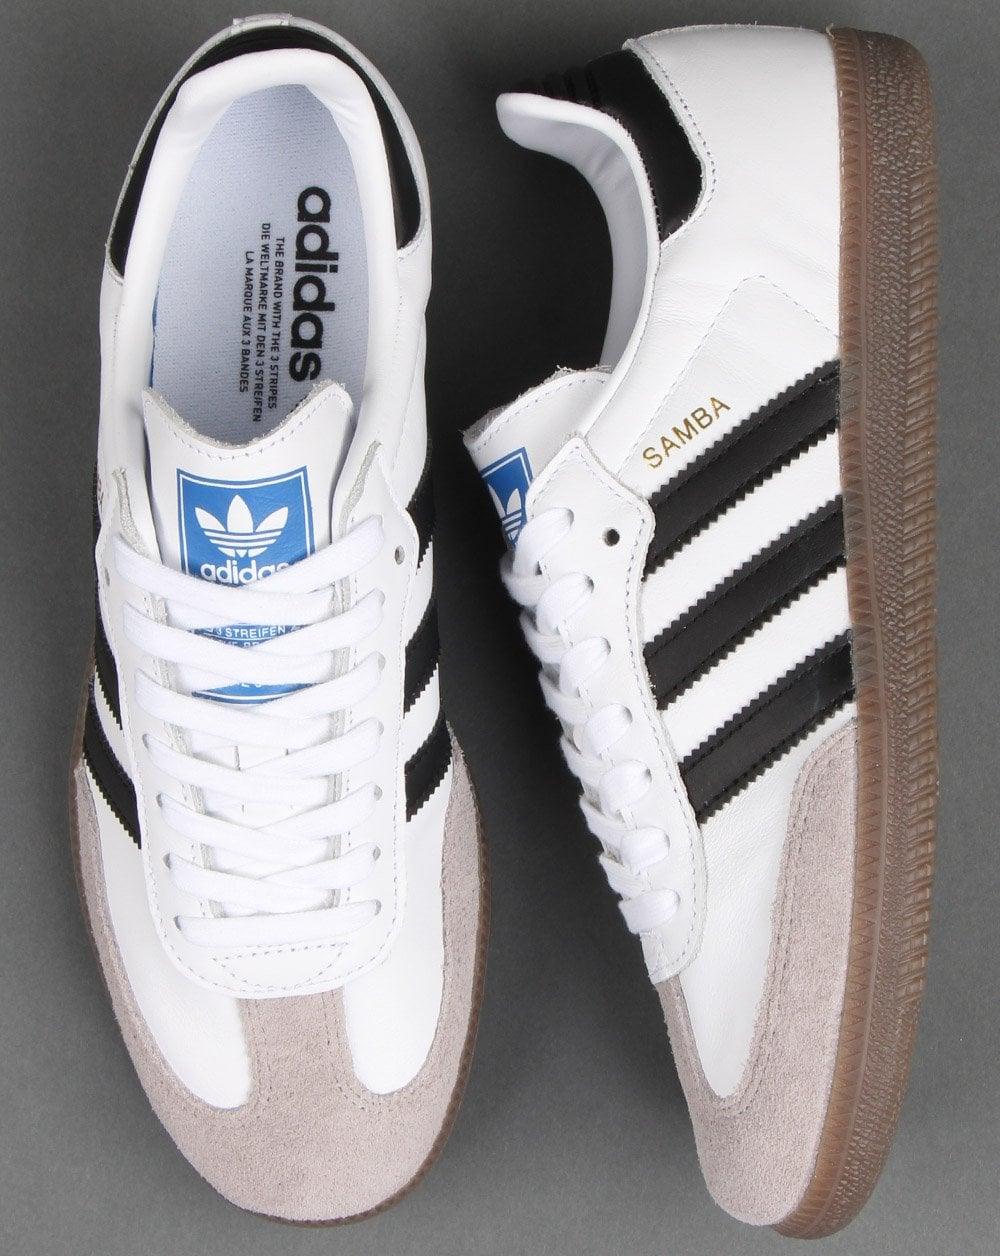 Adidas Samba OG Trainers White, Black